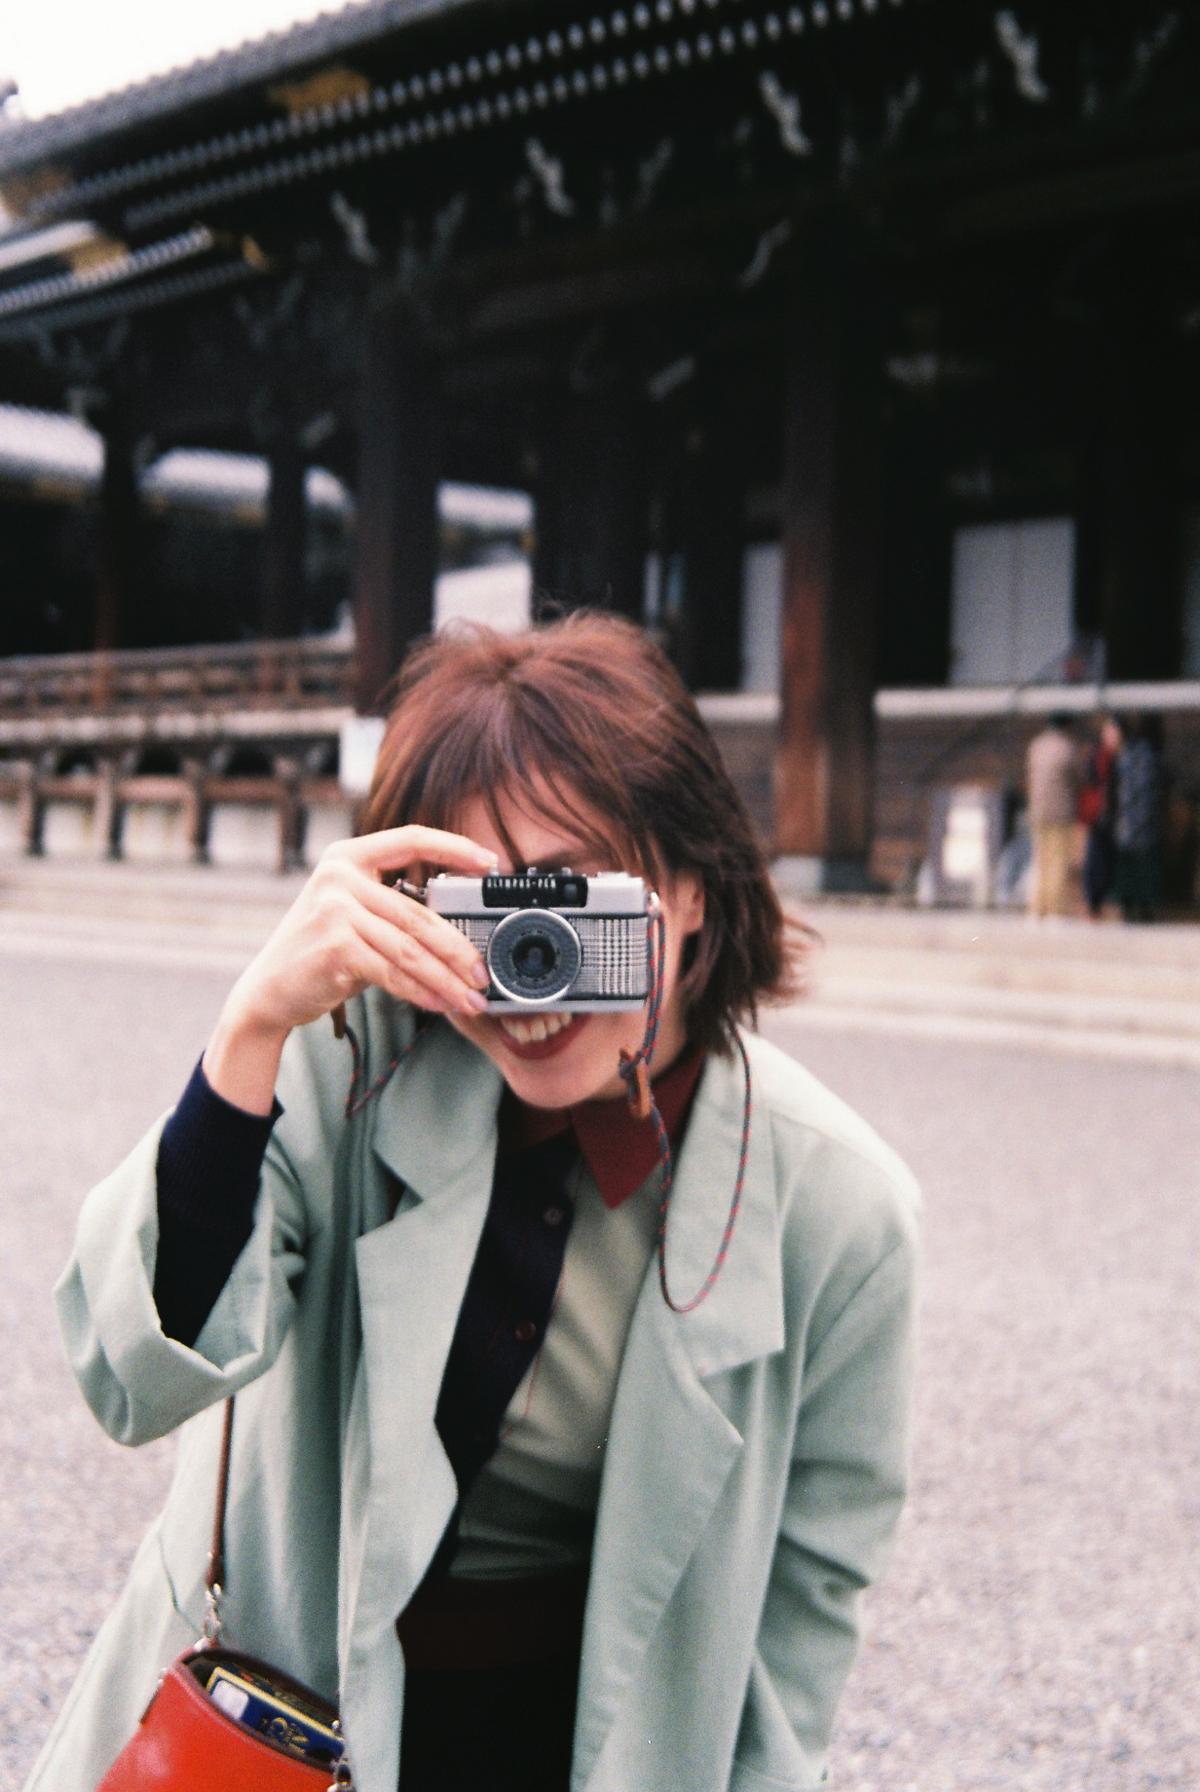 モーガンまあら 京都 Kyoto Mala Morgan 東本願寺 Higashihonganji_フィルム3